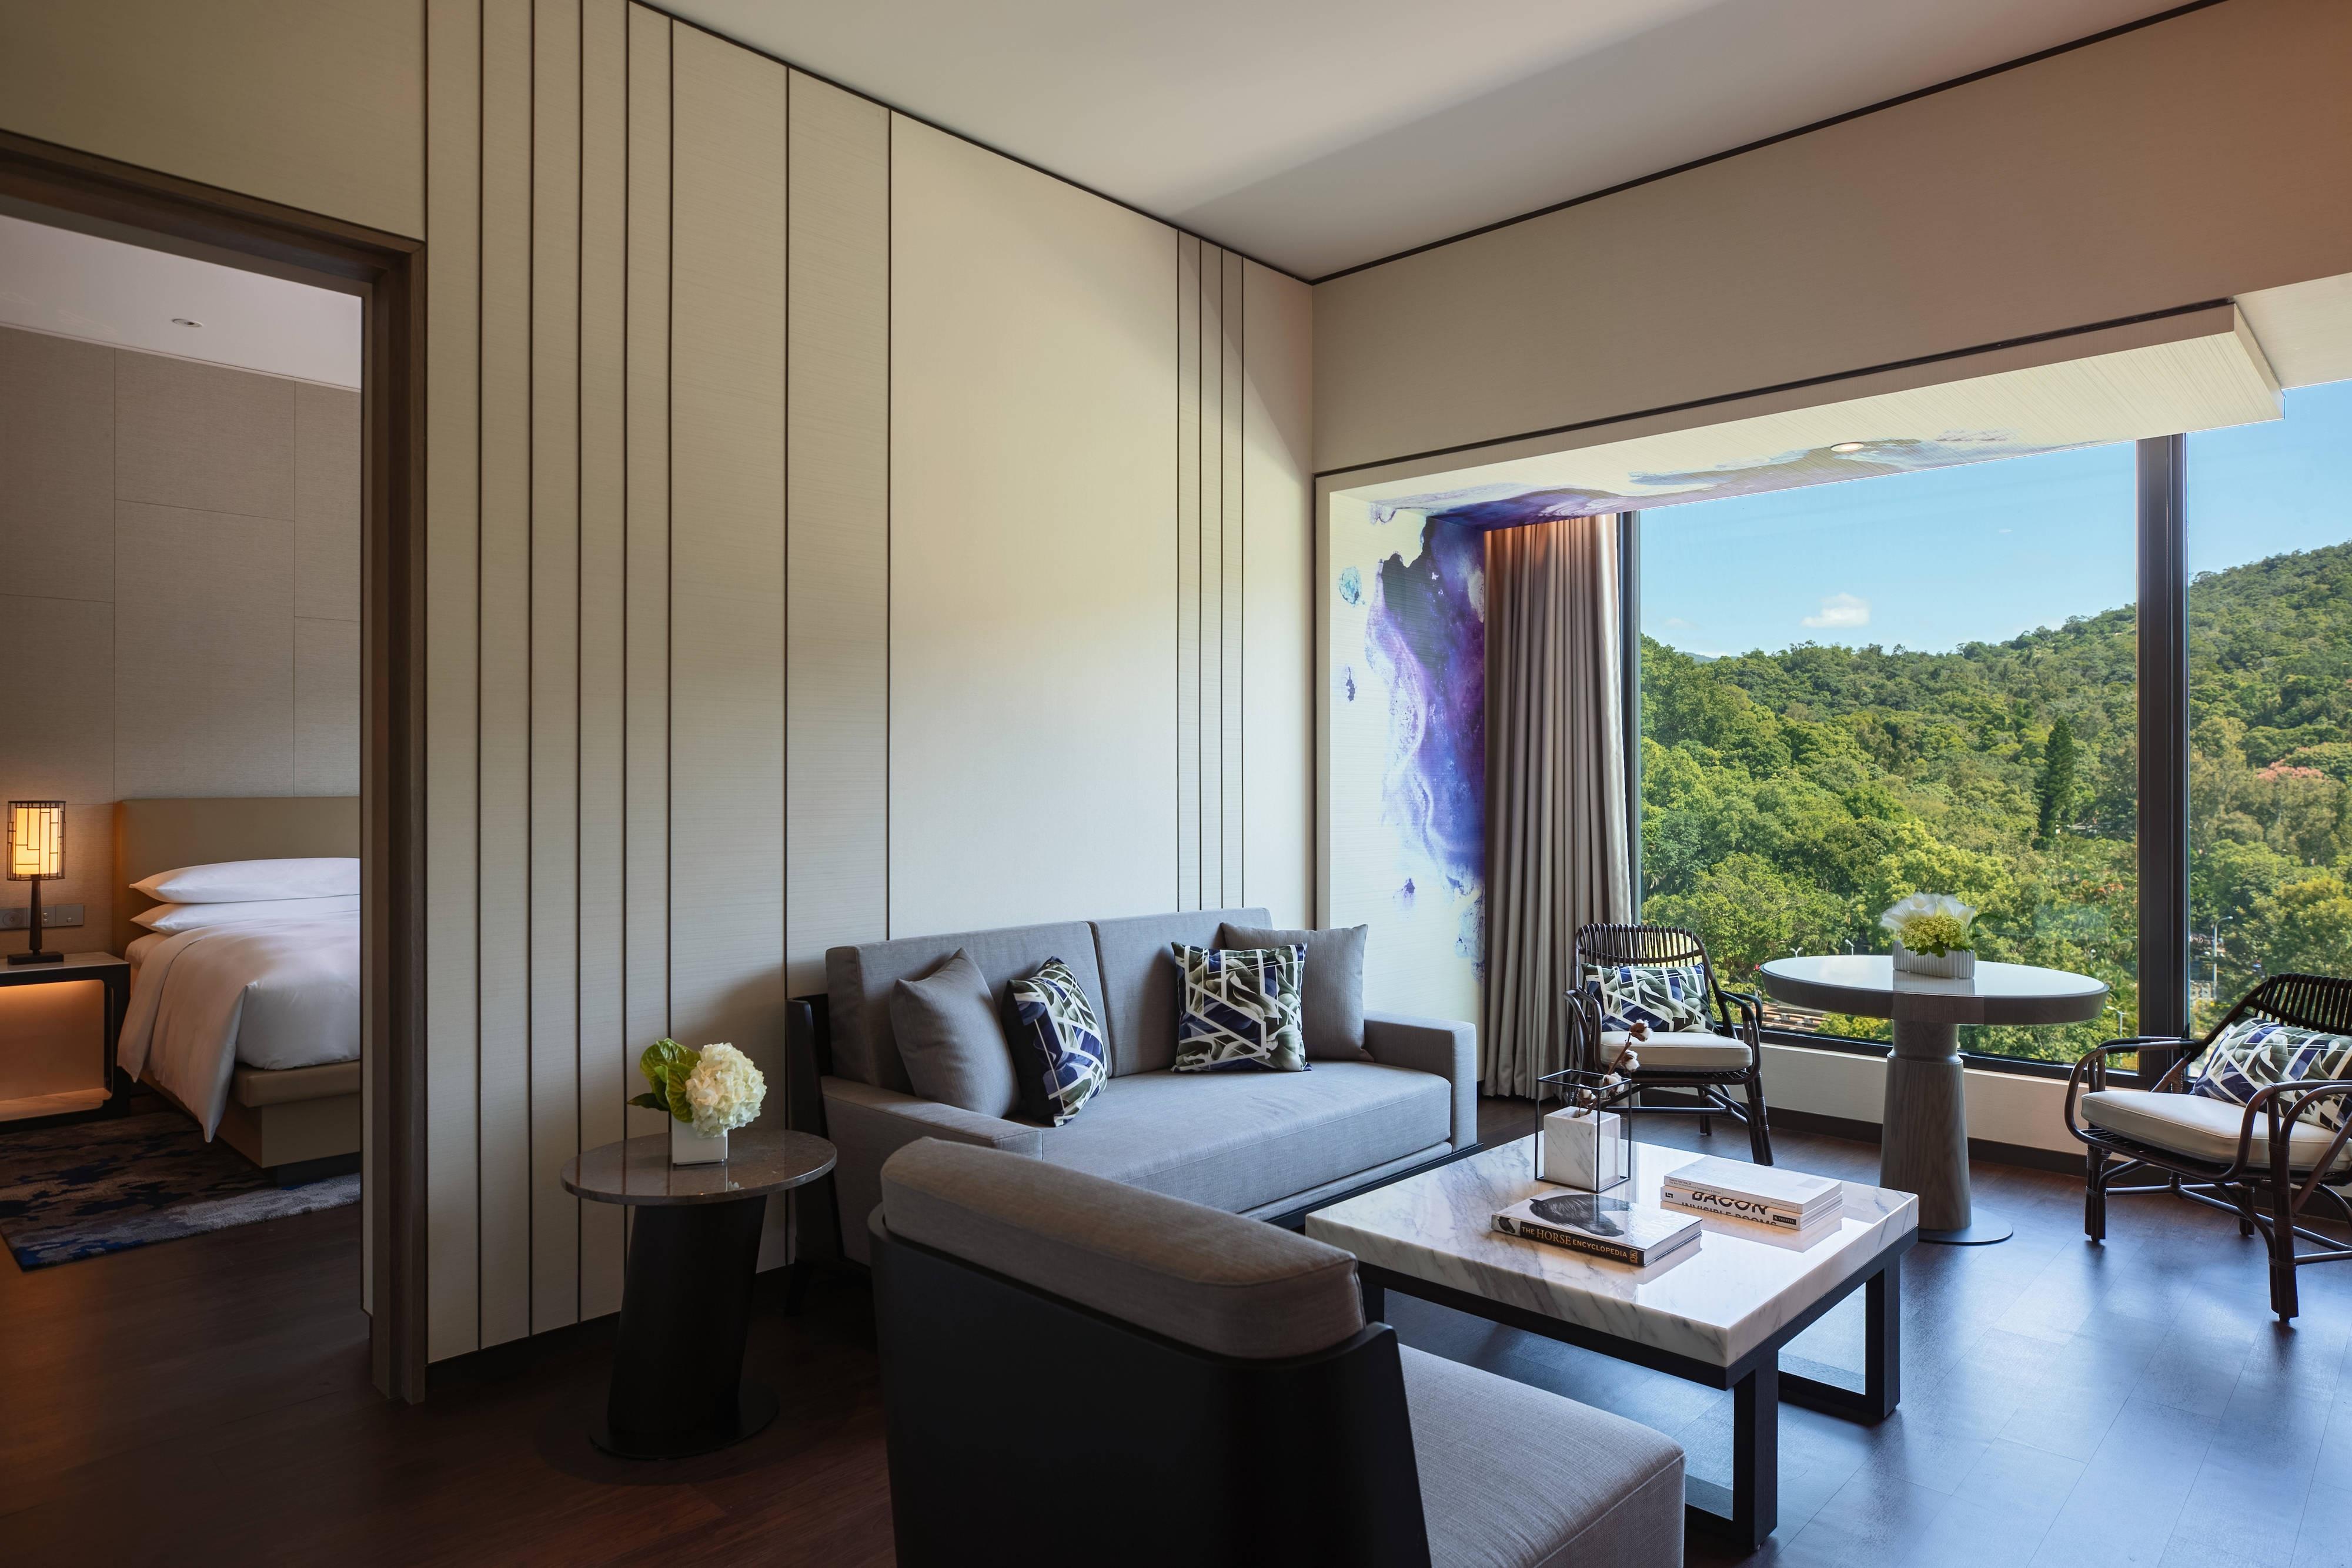 Renaissance Suite - Living Room